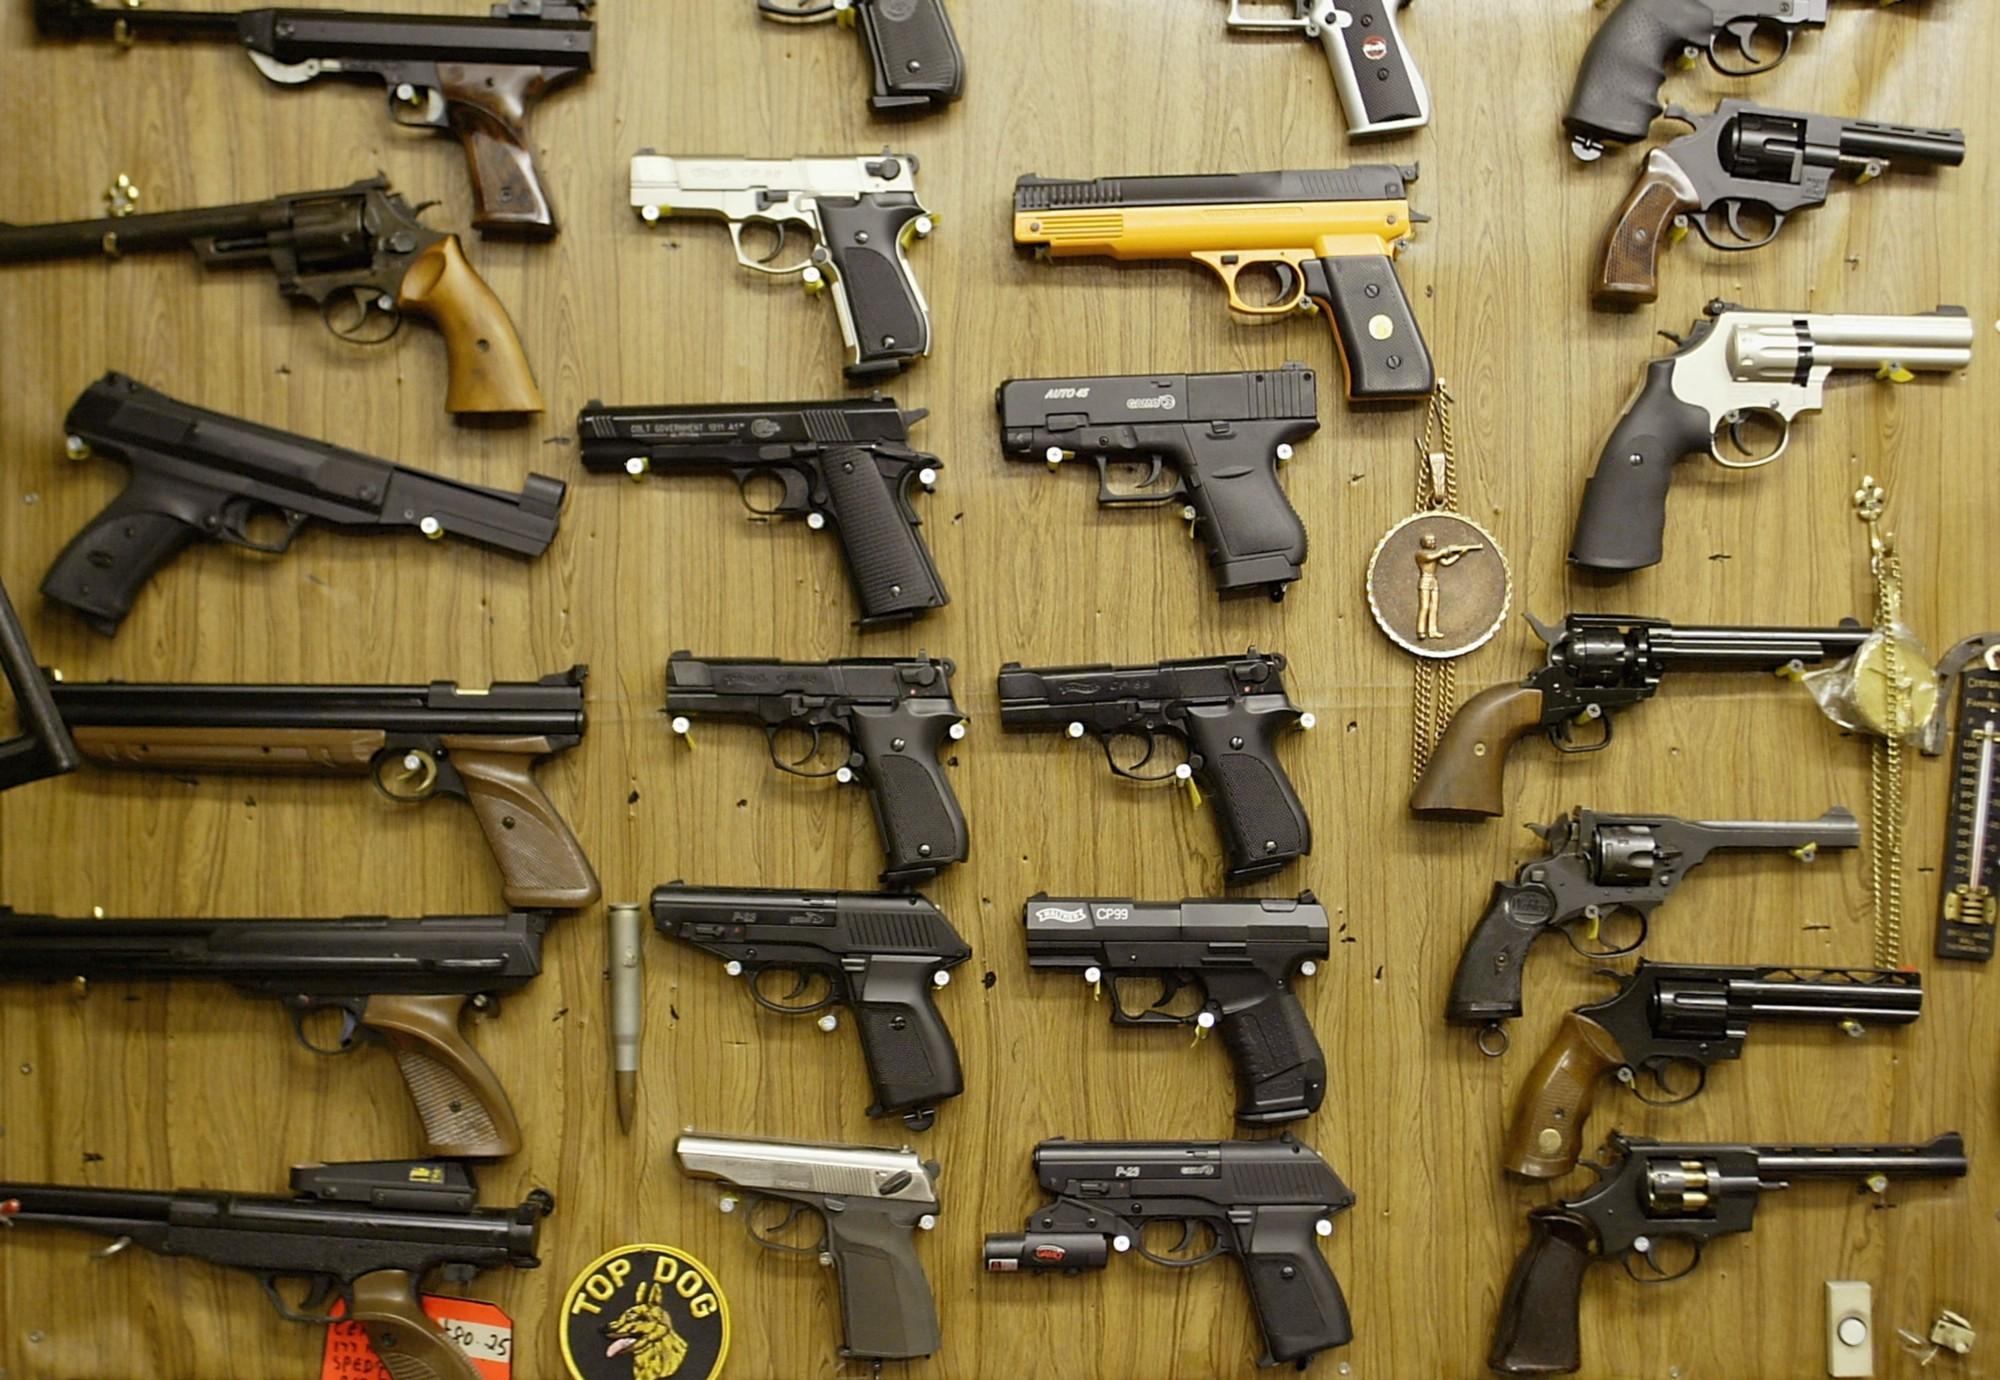 M s balas m s problemas televisa news for Muebles para guardar armas de fuego